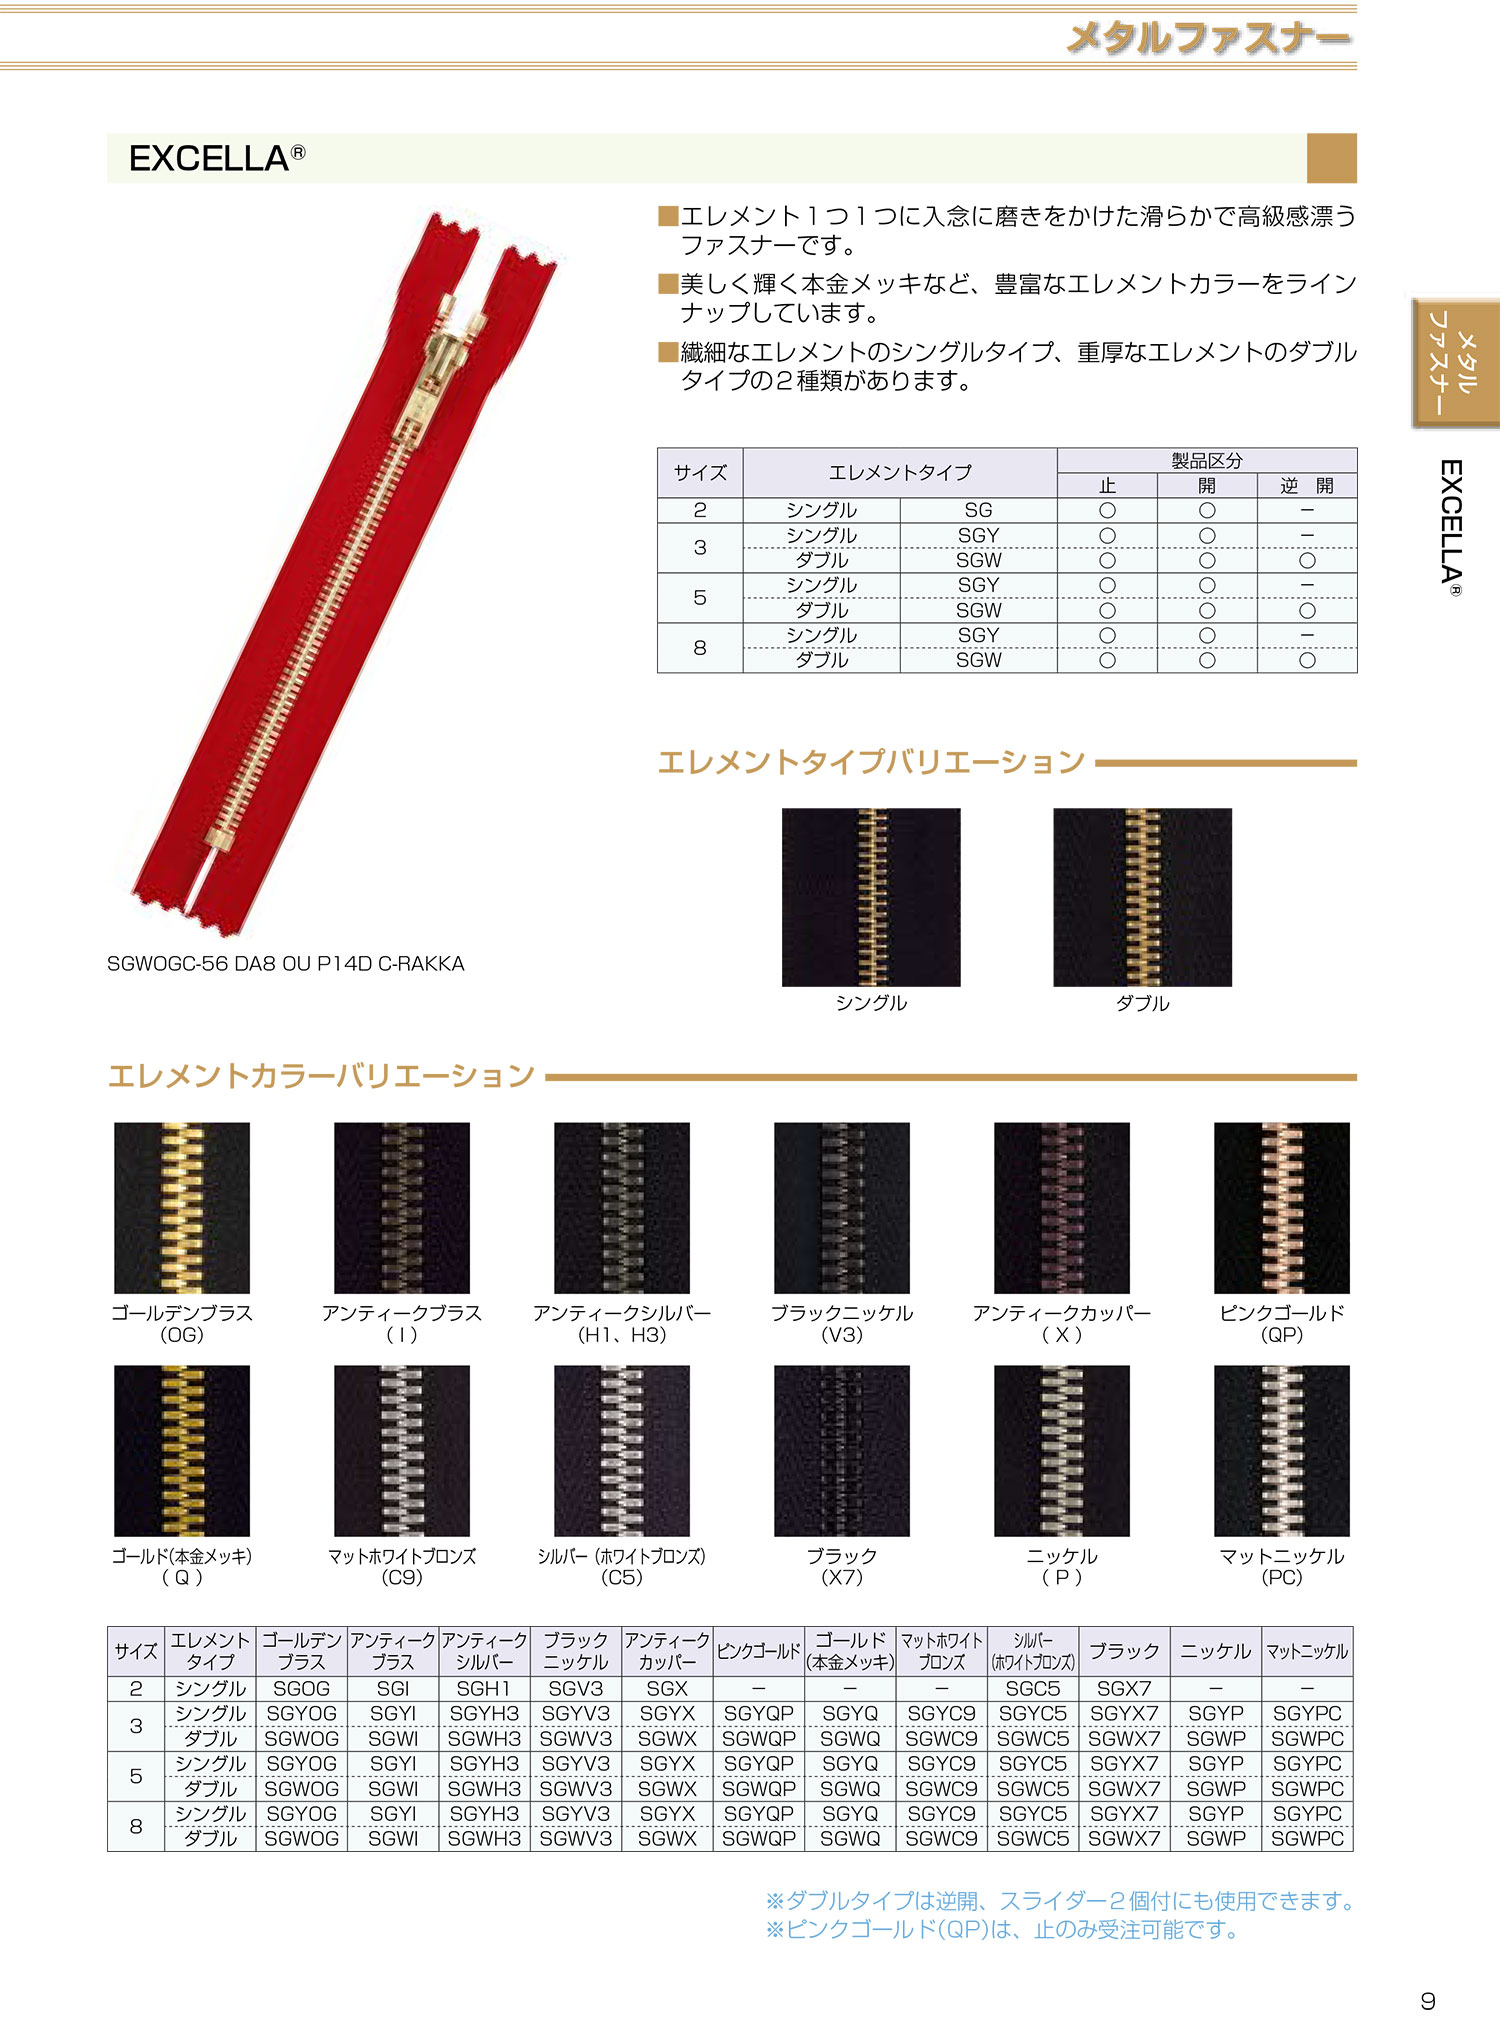 8SGWXMR エクセラ 8サイズ アンティークカッパー 逆開 ダブル[ファスナー] YKK/オークラ商事 - ApparelX アパレル資材卸通販